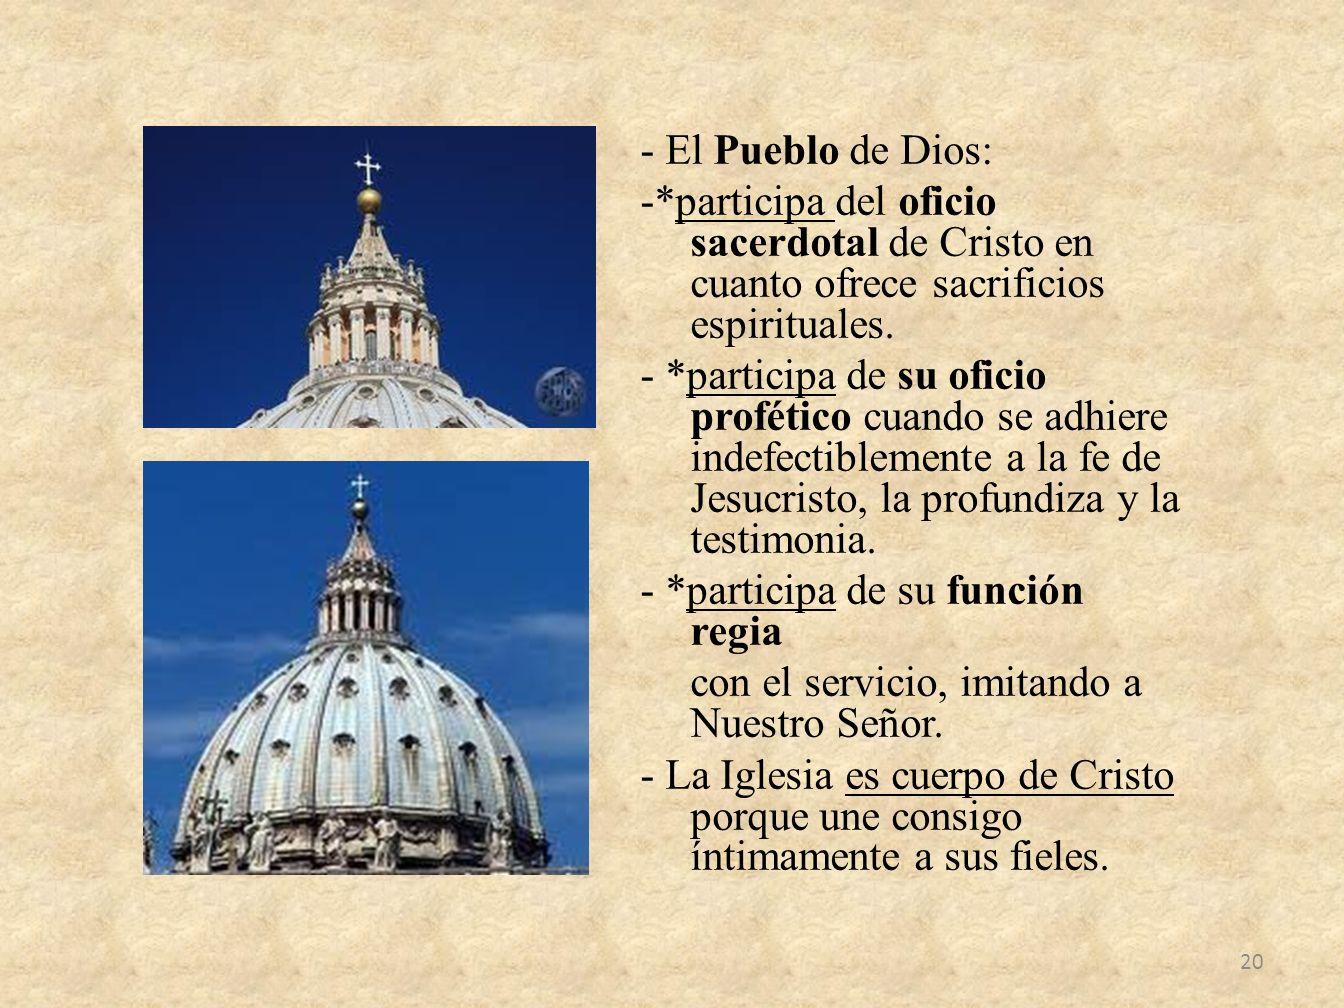 - El Pueblo de Dios: -*participa del oficio sacerdotal de Cristo en cuanto ofrece sacrificios espirituales. - *participa de su oficio profético cuando